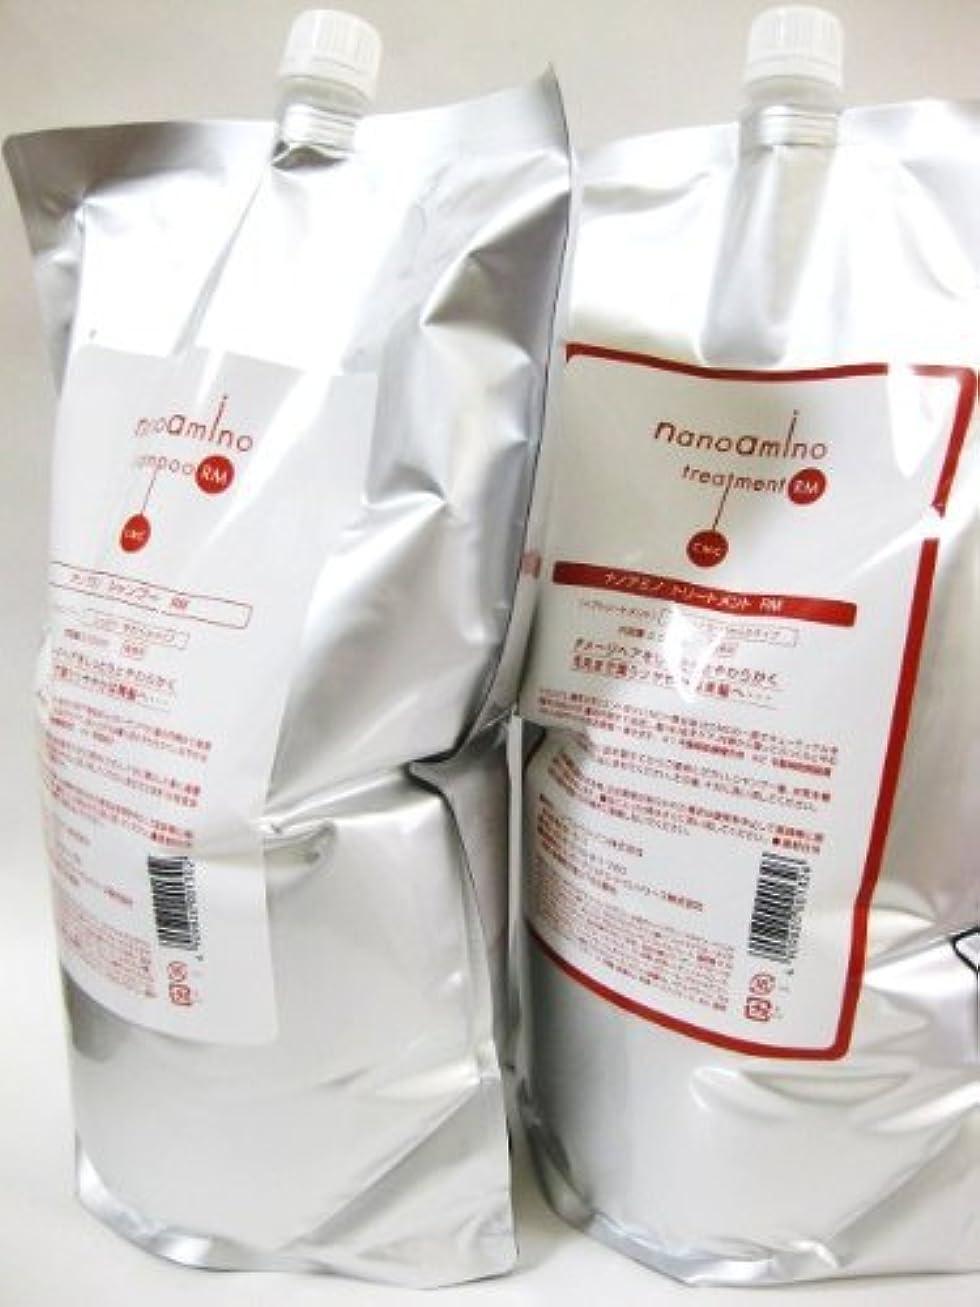 閉塞恥香港ニューウェイジャパン ナノアミノ RM 2500 詰替えタイプ 合わせて5キロ!![ビックサイズ]セット